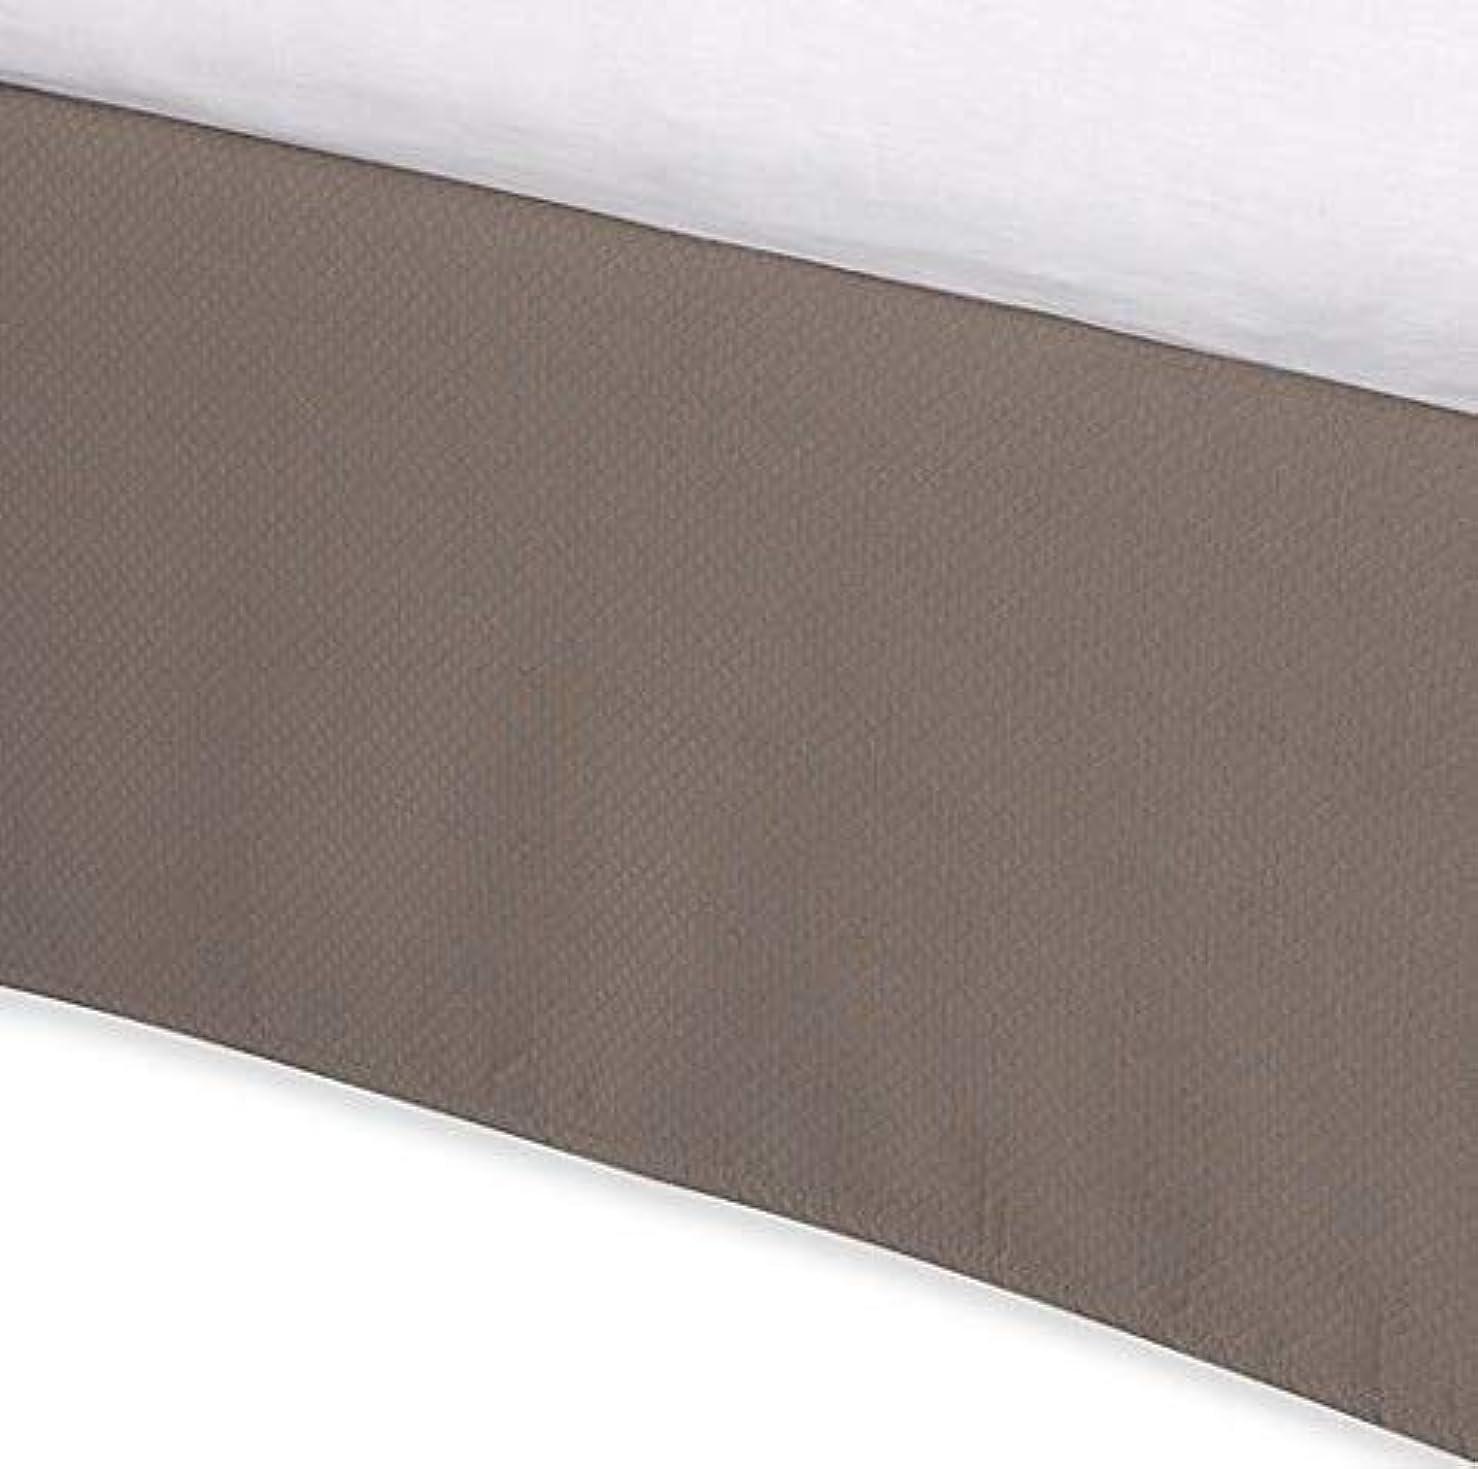 ストライプ契約熟読Diamond Matelasse テーラードクイーンベッドスカート トープ(ドロップ丈38.1cm)